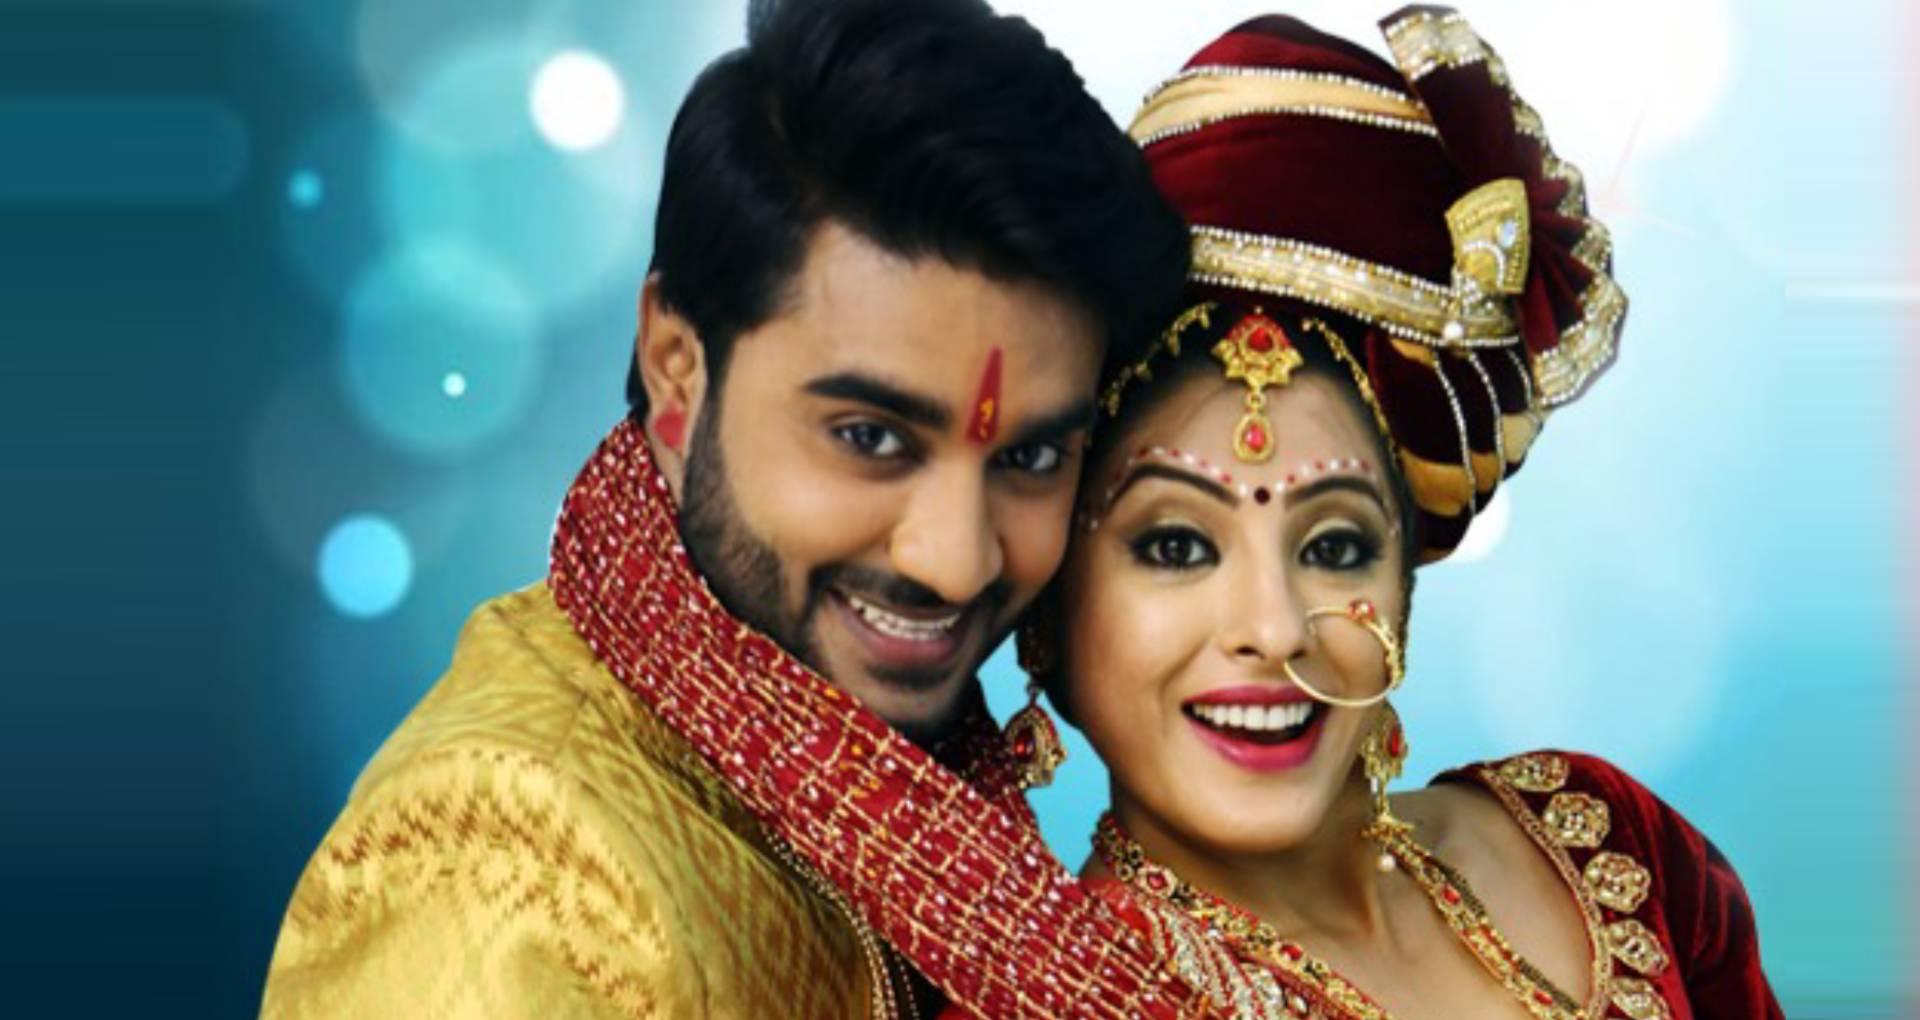 प्रदीप पांडे चिंटू और संचिता बनर्जी का इस दिन होगा विवाह, नेपाल सहित इन राज्यों में रिलीज होगी फिल्म